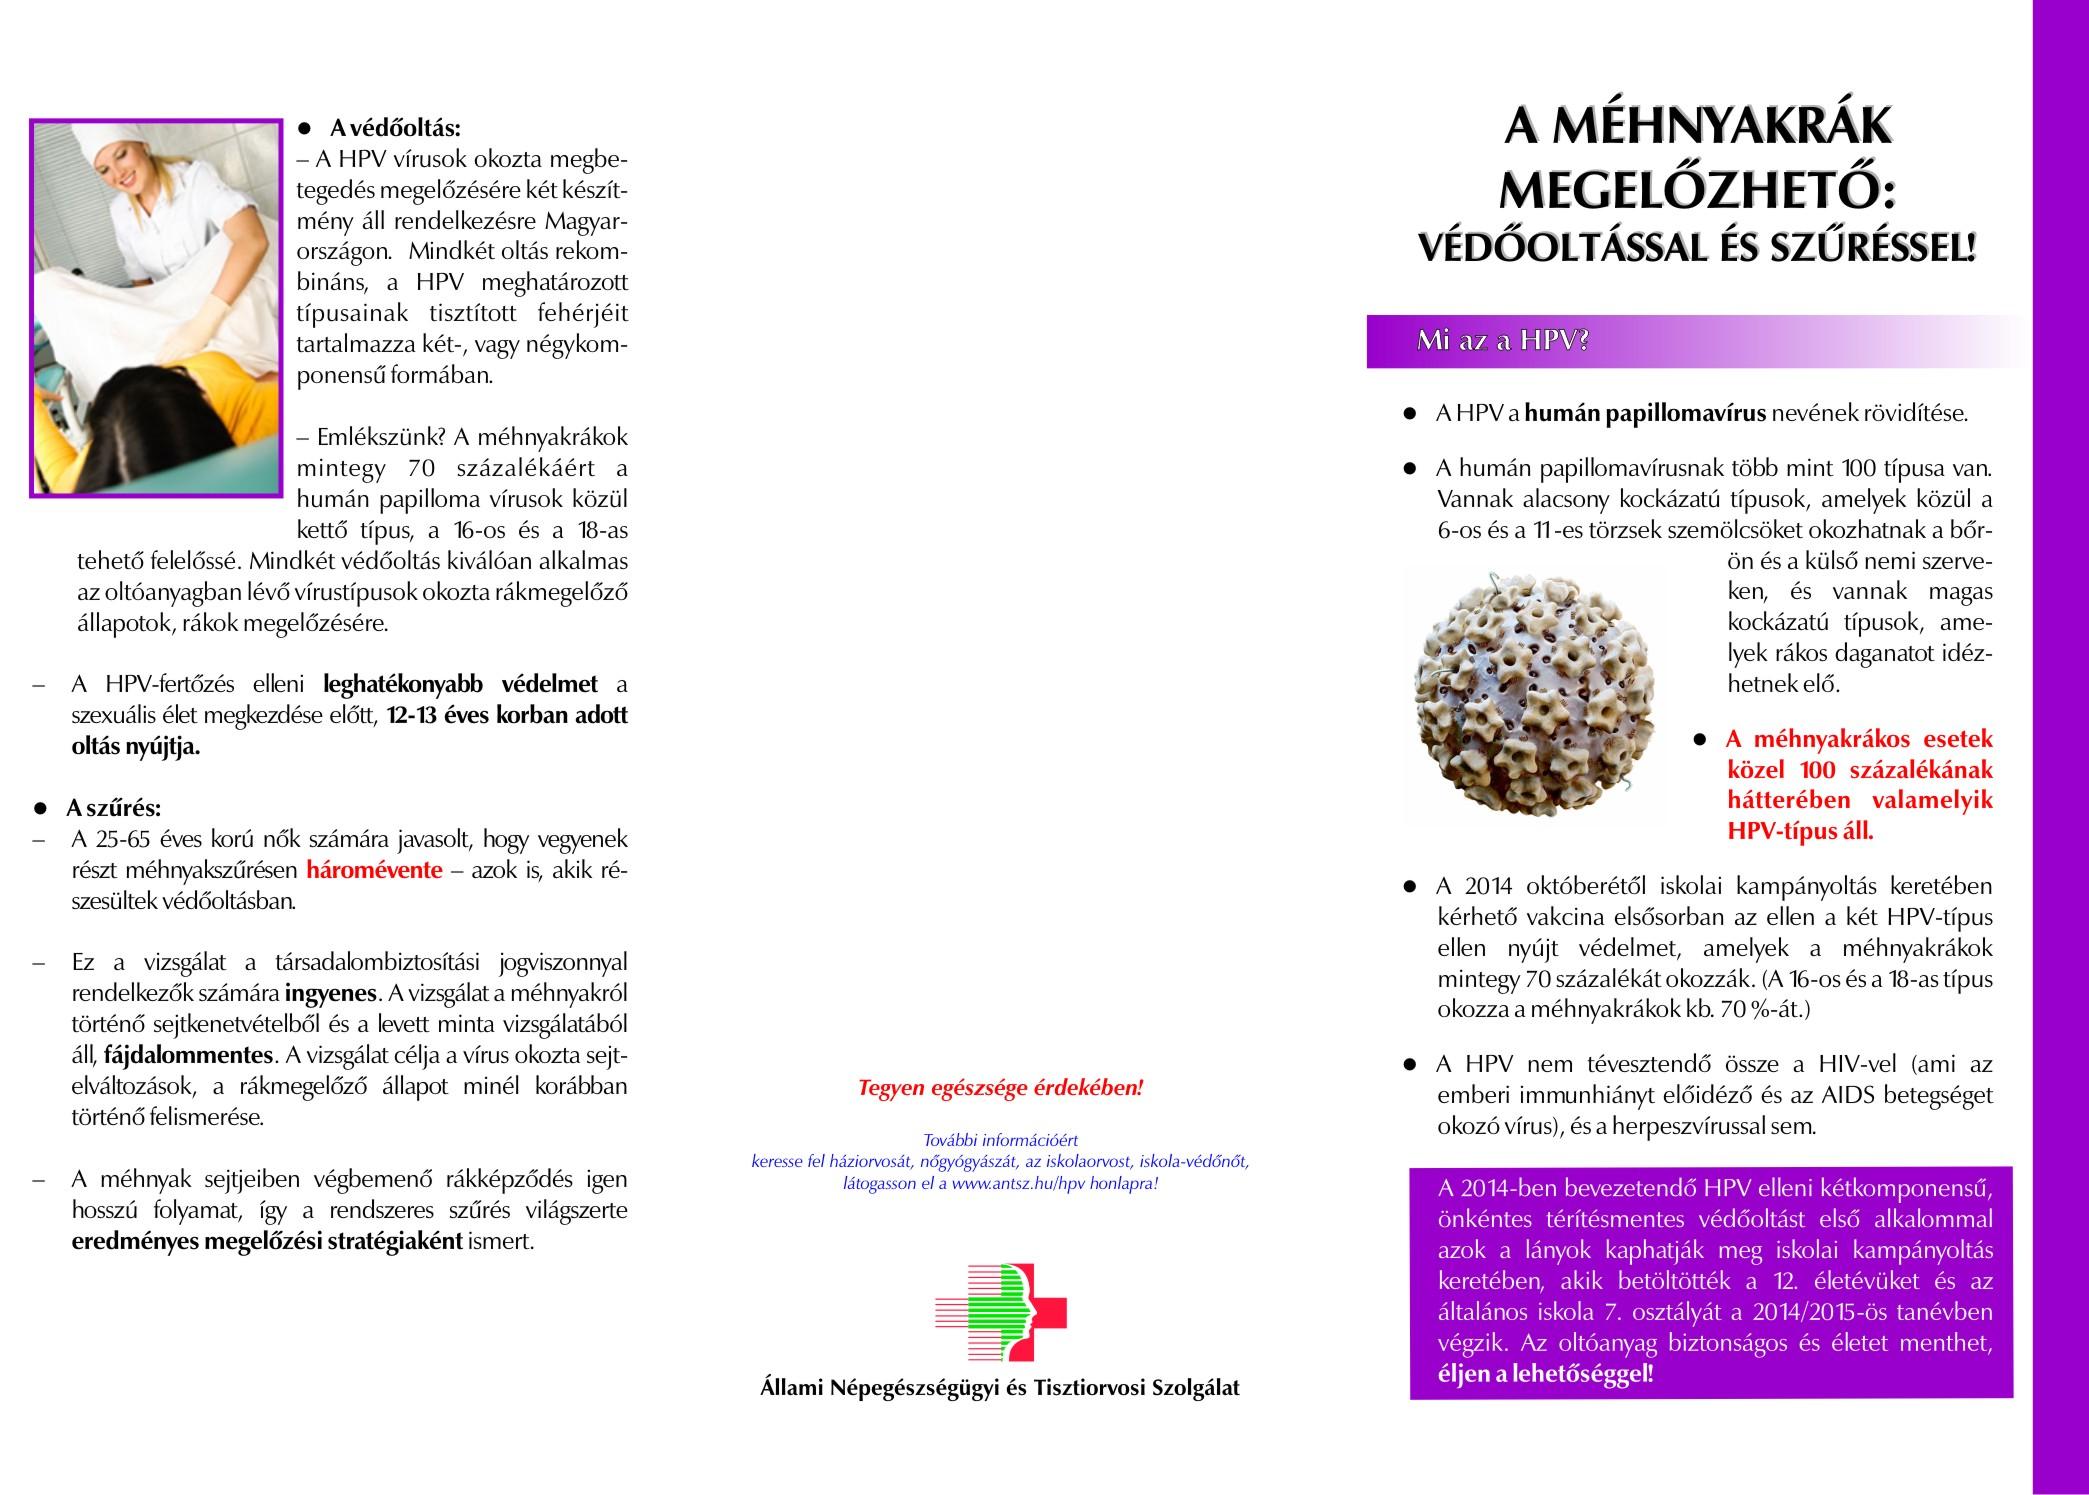 papilloma vírusfertőzés megelőzése)